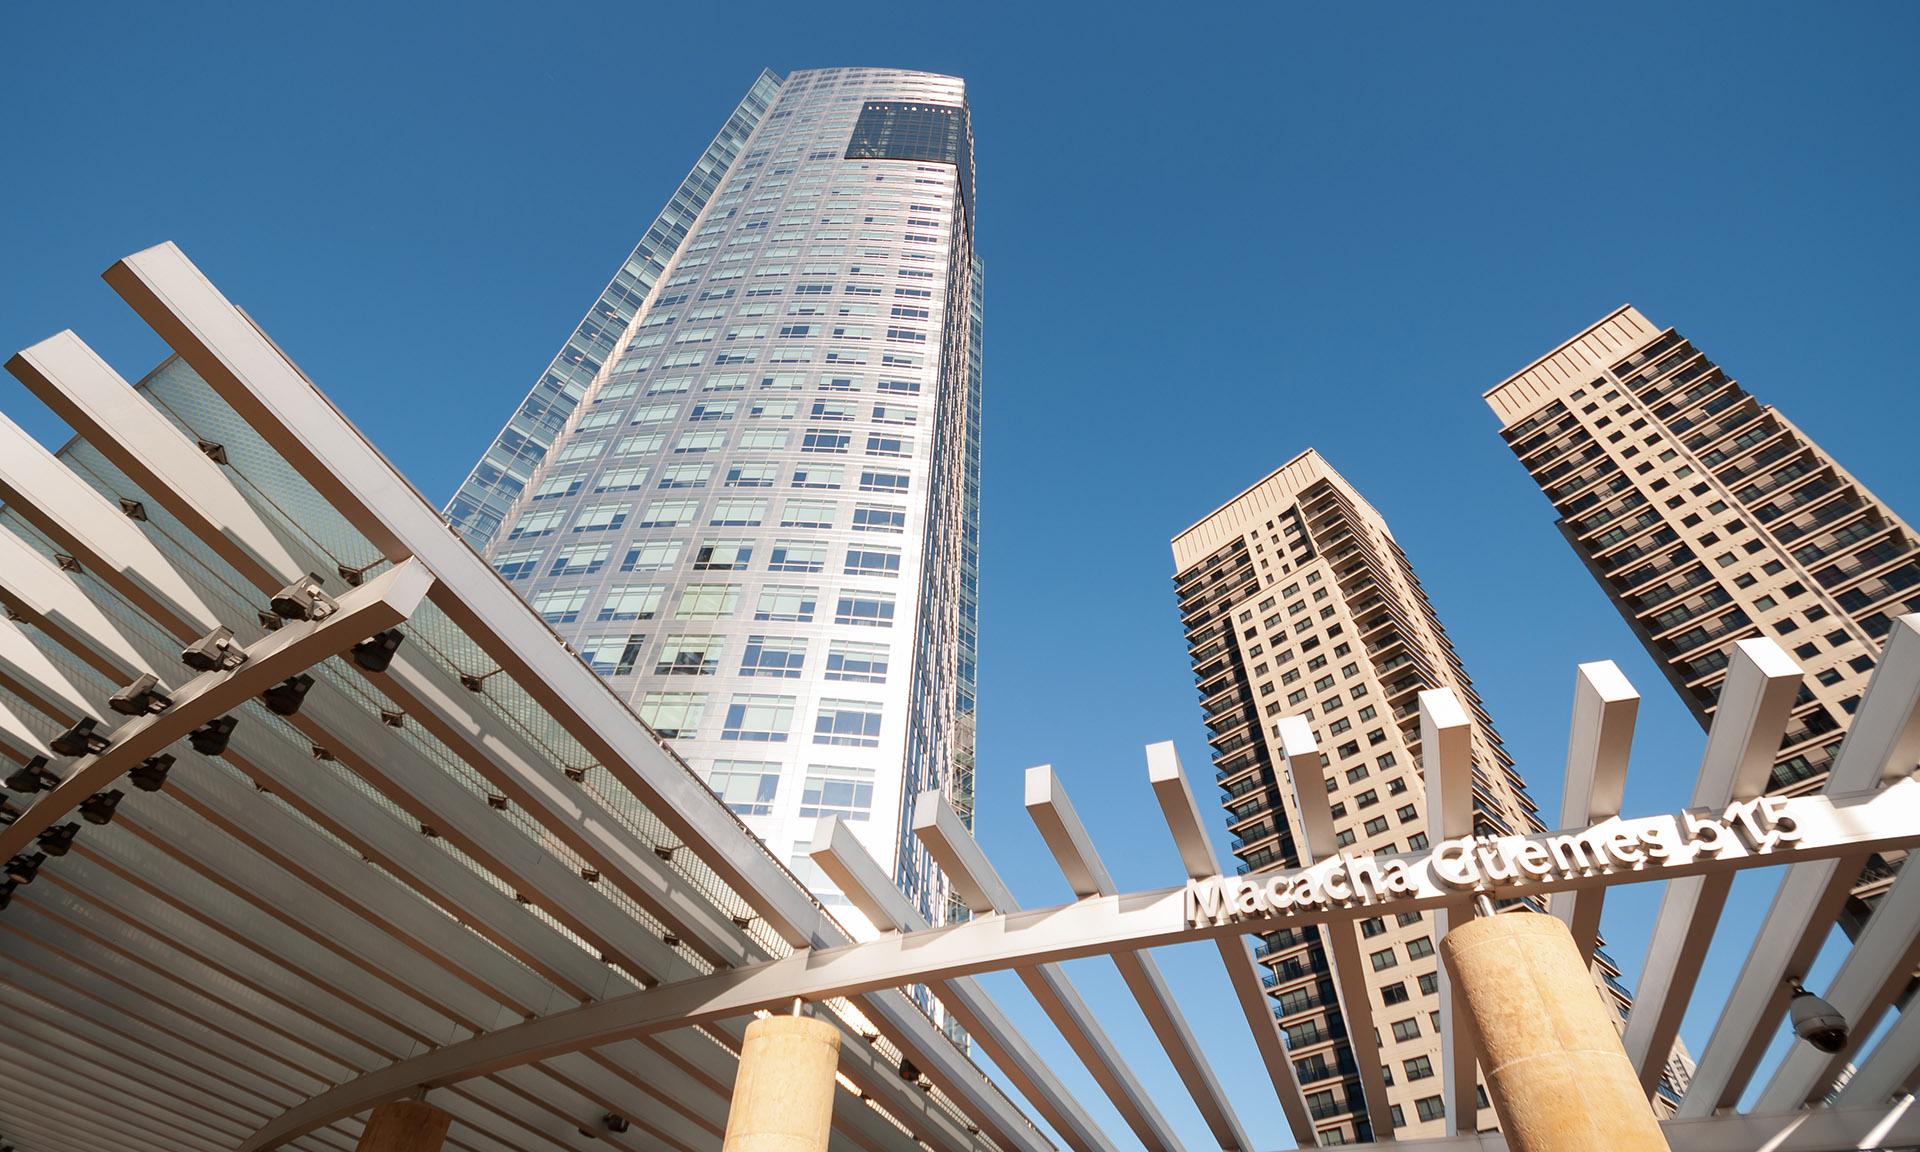 La Torre YPF también fue obra de Pelli. Ubicada en el barrio porteño de Puerto Madero, fue inaugurada en el 2008 y son las actuales oficinas de la petrolera. Fue construida con una inversión de 134 millones de dólares.